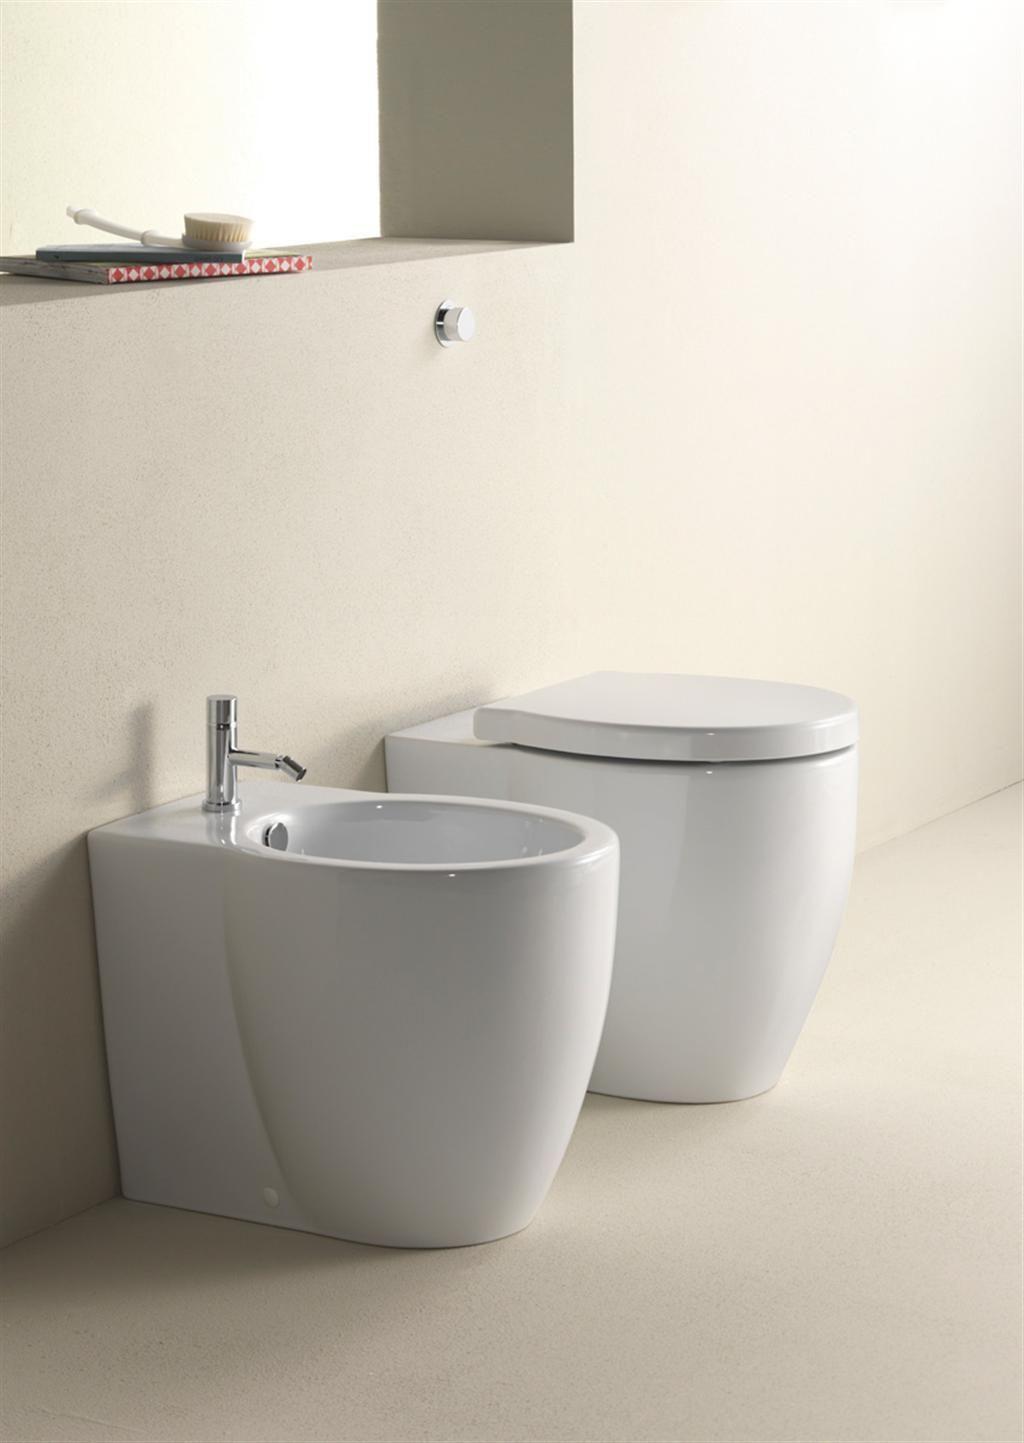 Panorama Wc e Bidet 55x37 661011. Serie per sanitari della GSI ...